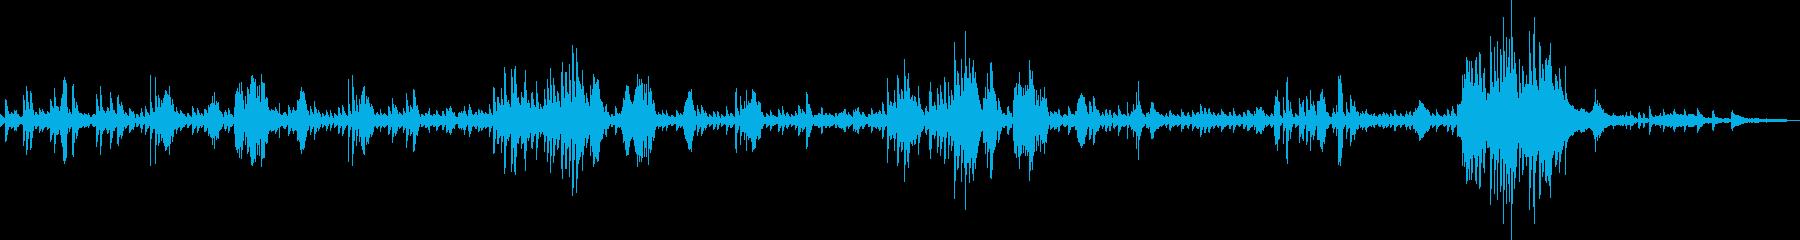 ショパン:ノクターン作品9-2の再生済みの波形